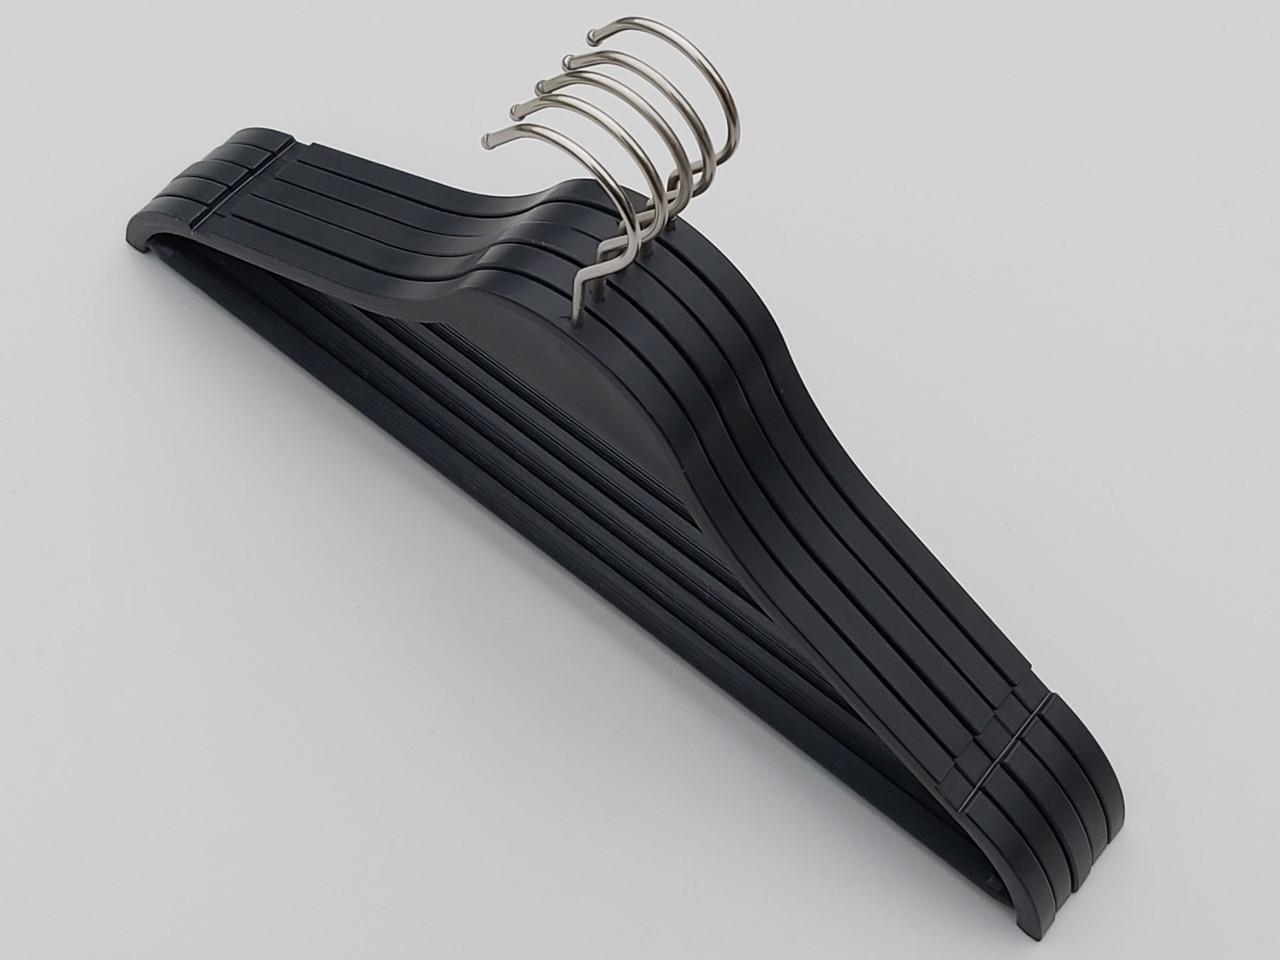 Плечики длиной 41 см пластмассовые ZP41 черного цвета, 5 штук в упаковке